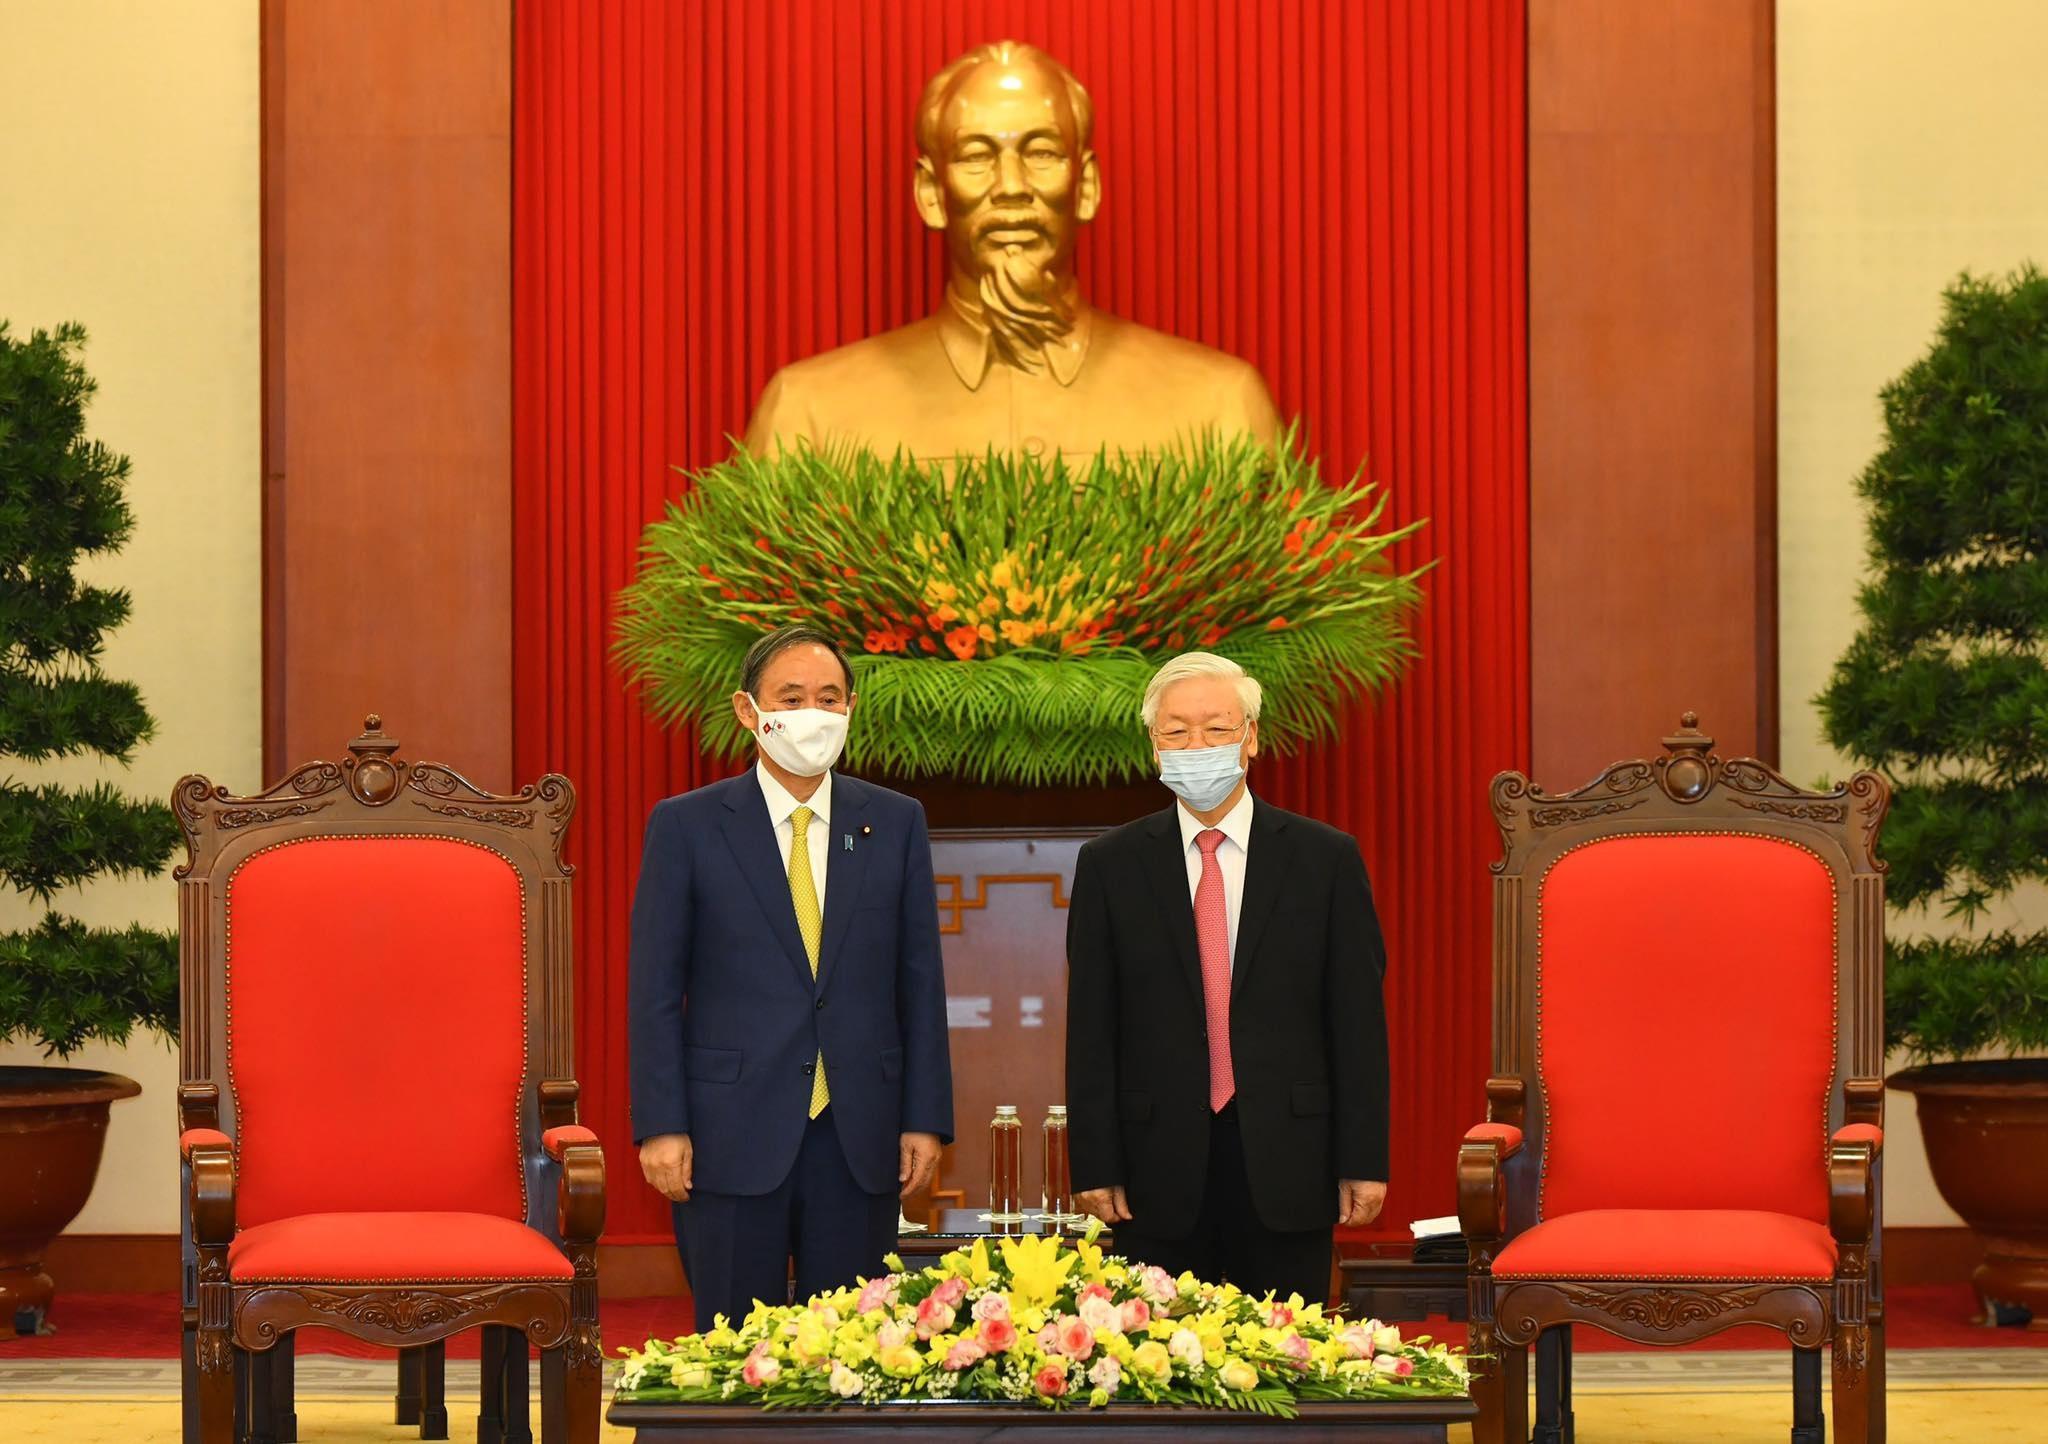 Tổng Bí thư, Chủ tịch nước Nguyễn Phú Trọng tiếp Thủ tướng Nhật Bản - 2